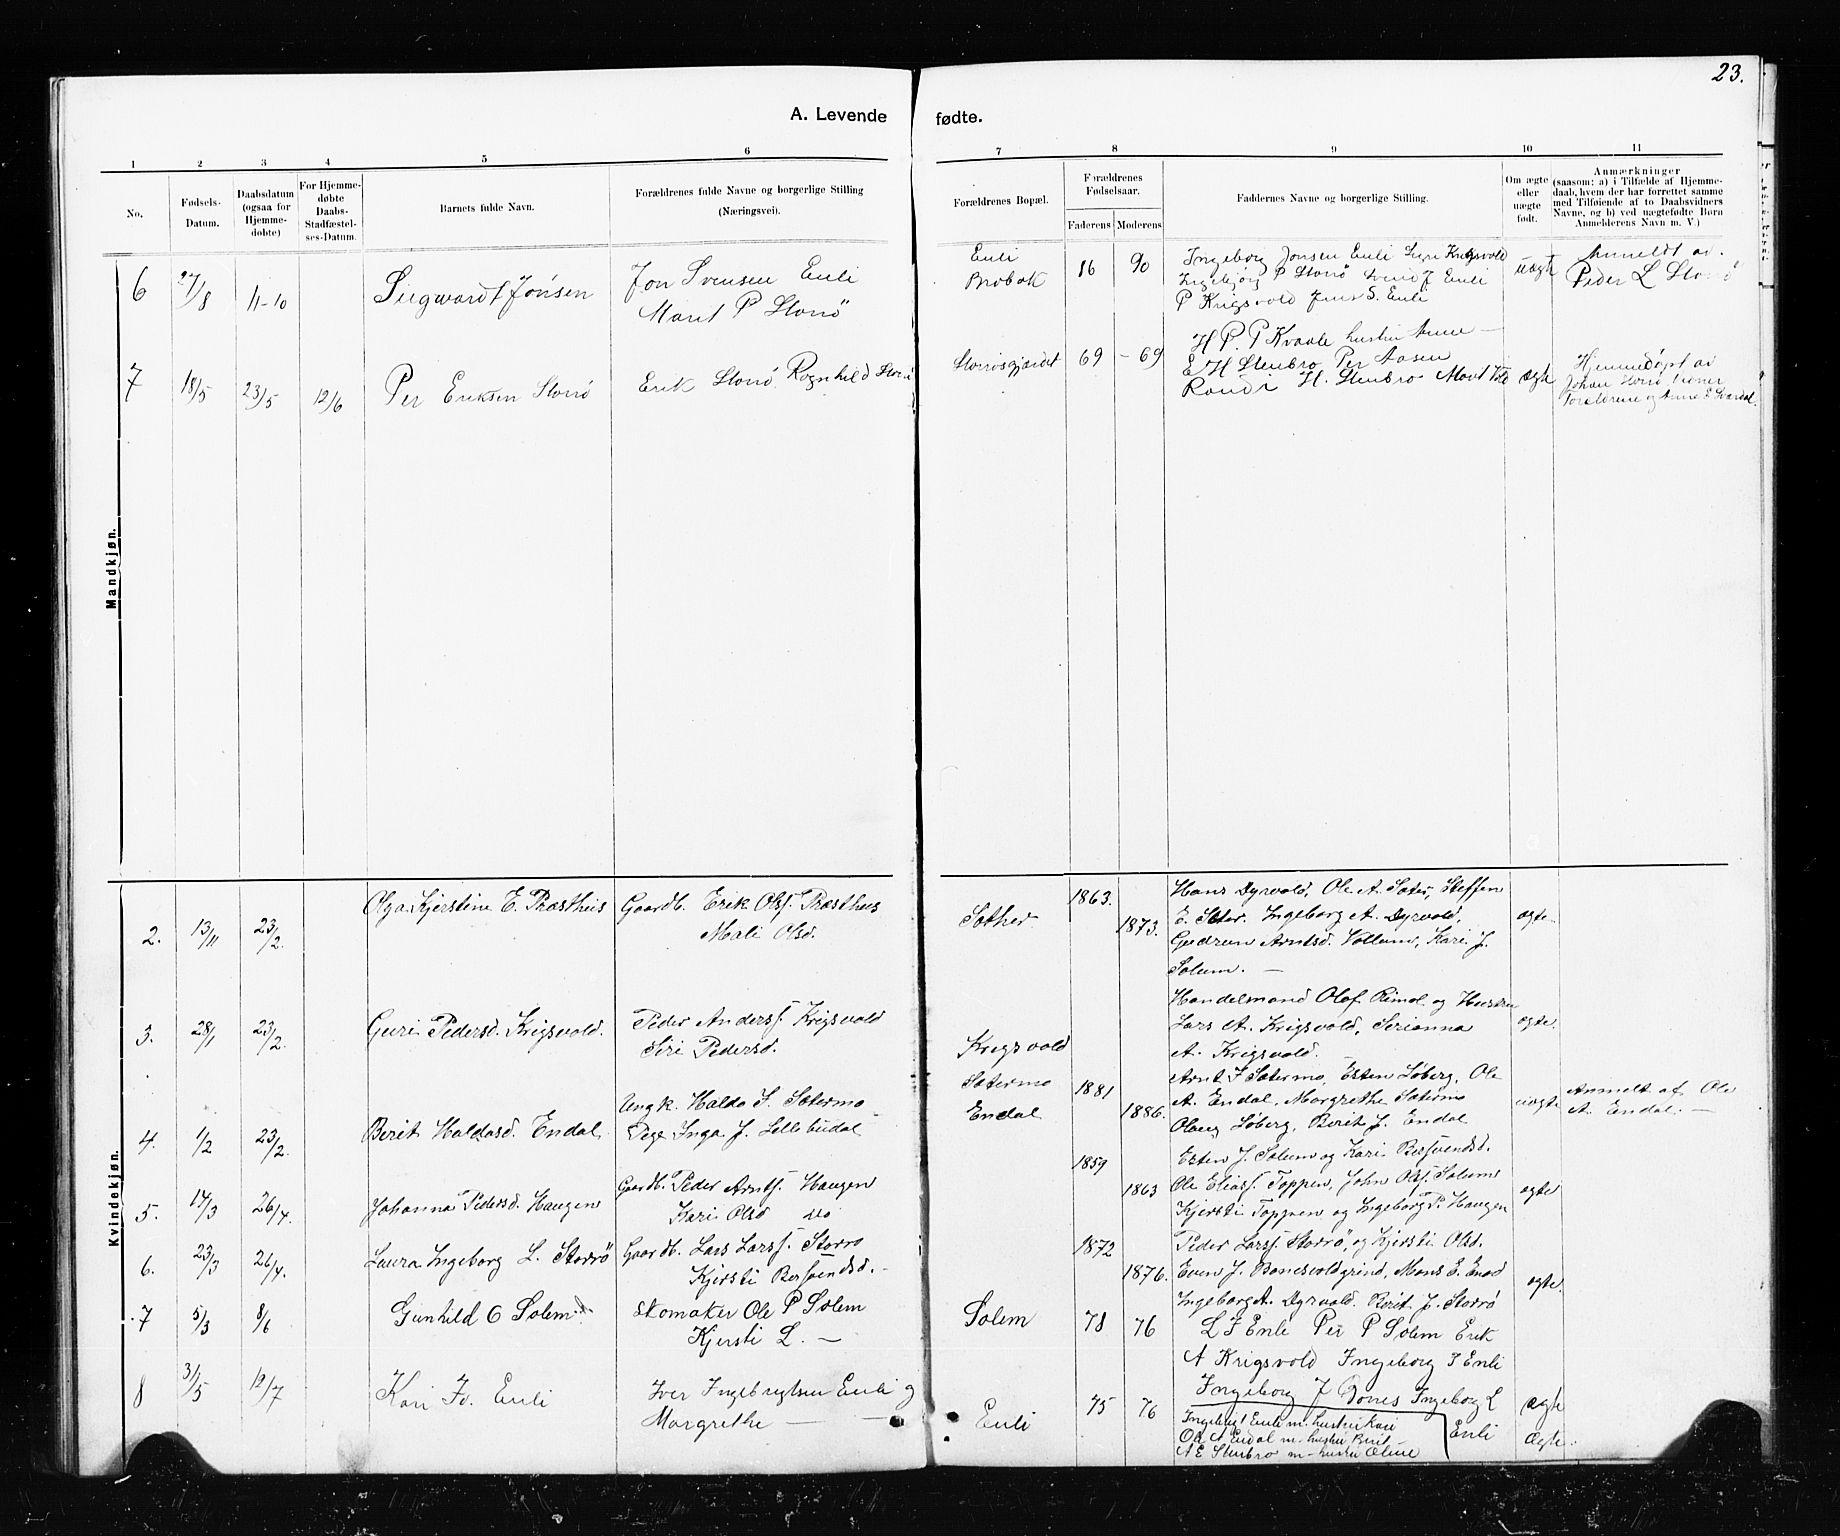 SAT, Ministerialprotokoller, klokkerbøker og fødselsregistre - Sør-Trøndelag, 690/L1051: Klokkerbok nr. 690C01, 1887-1908, s. 23